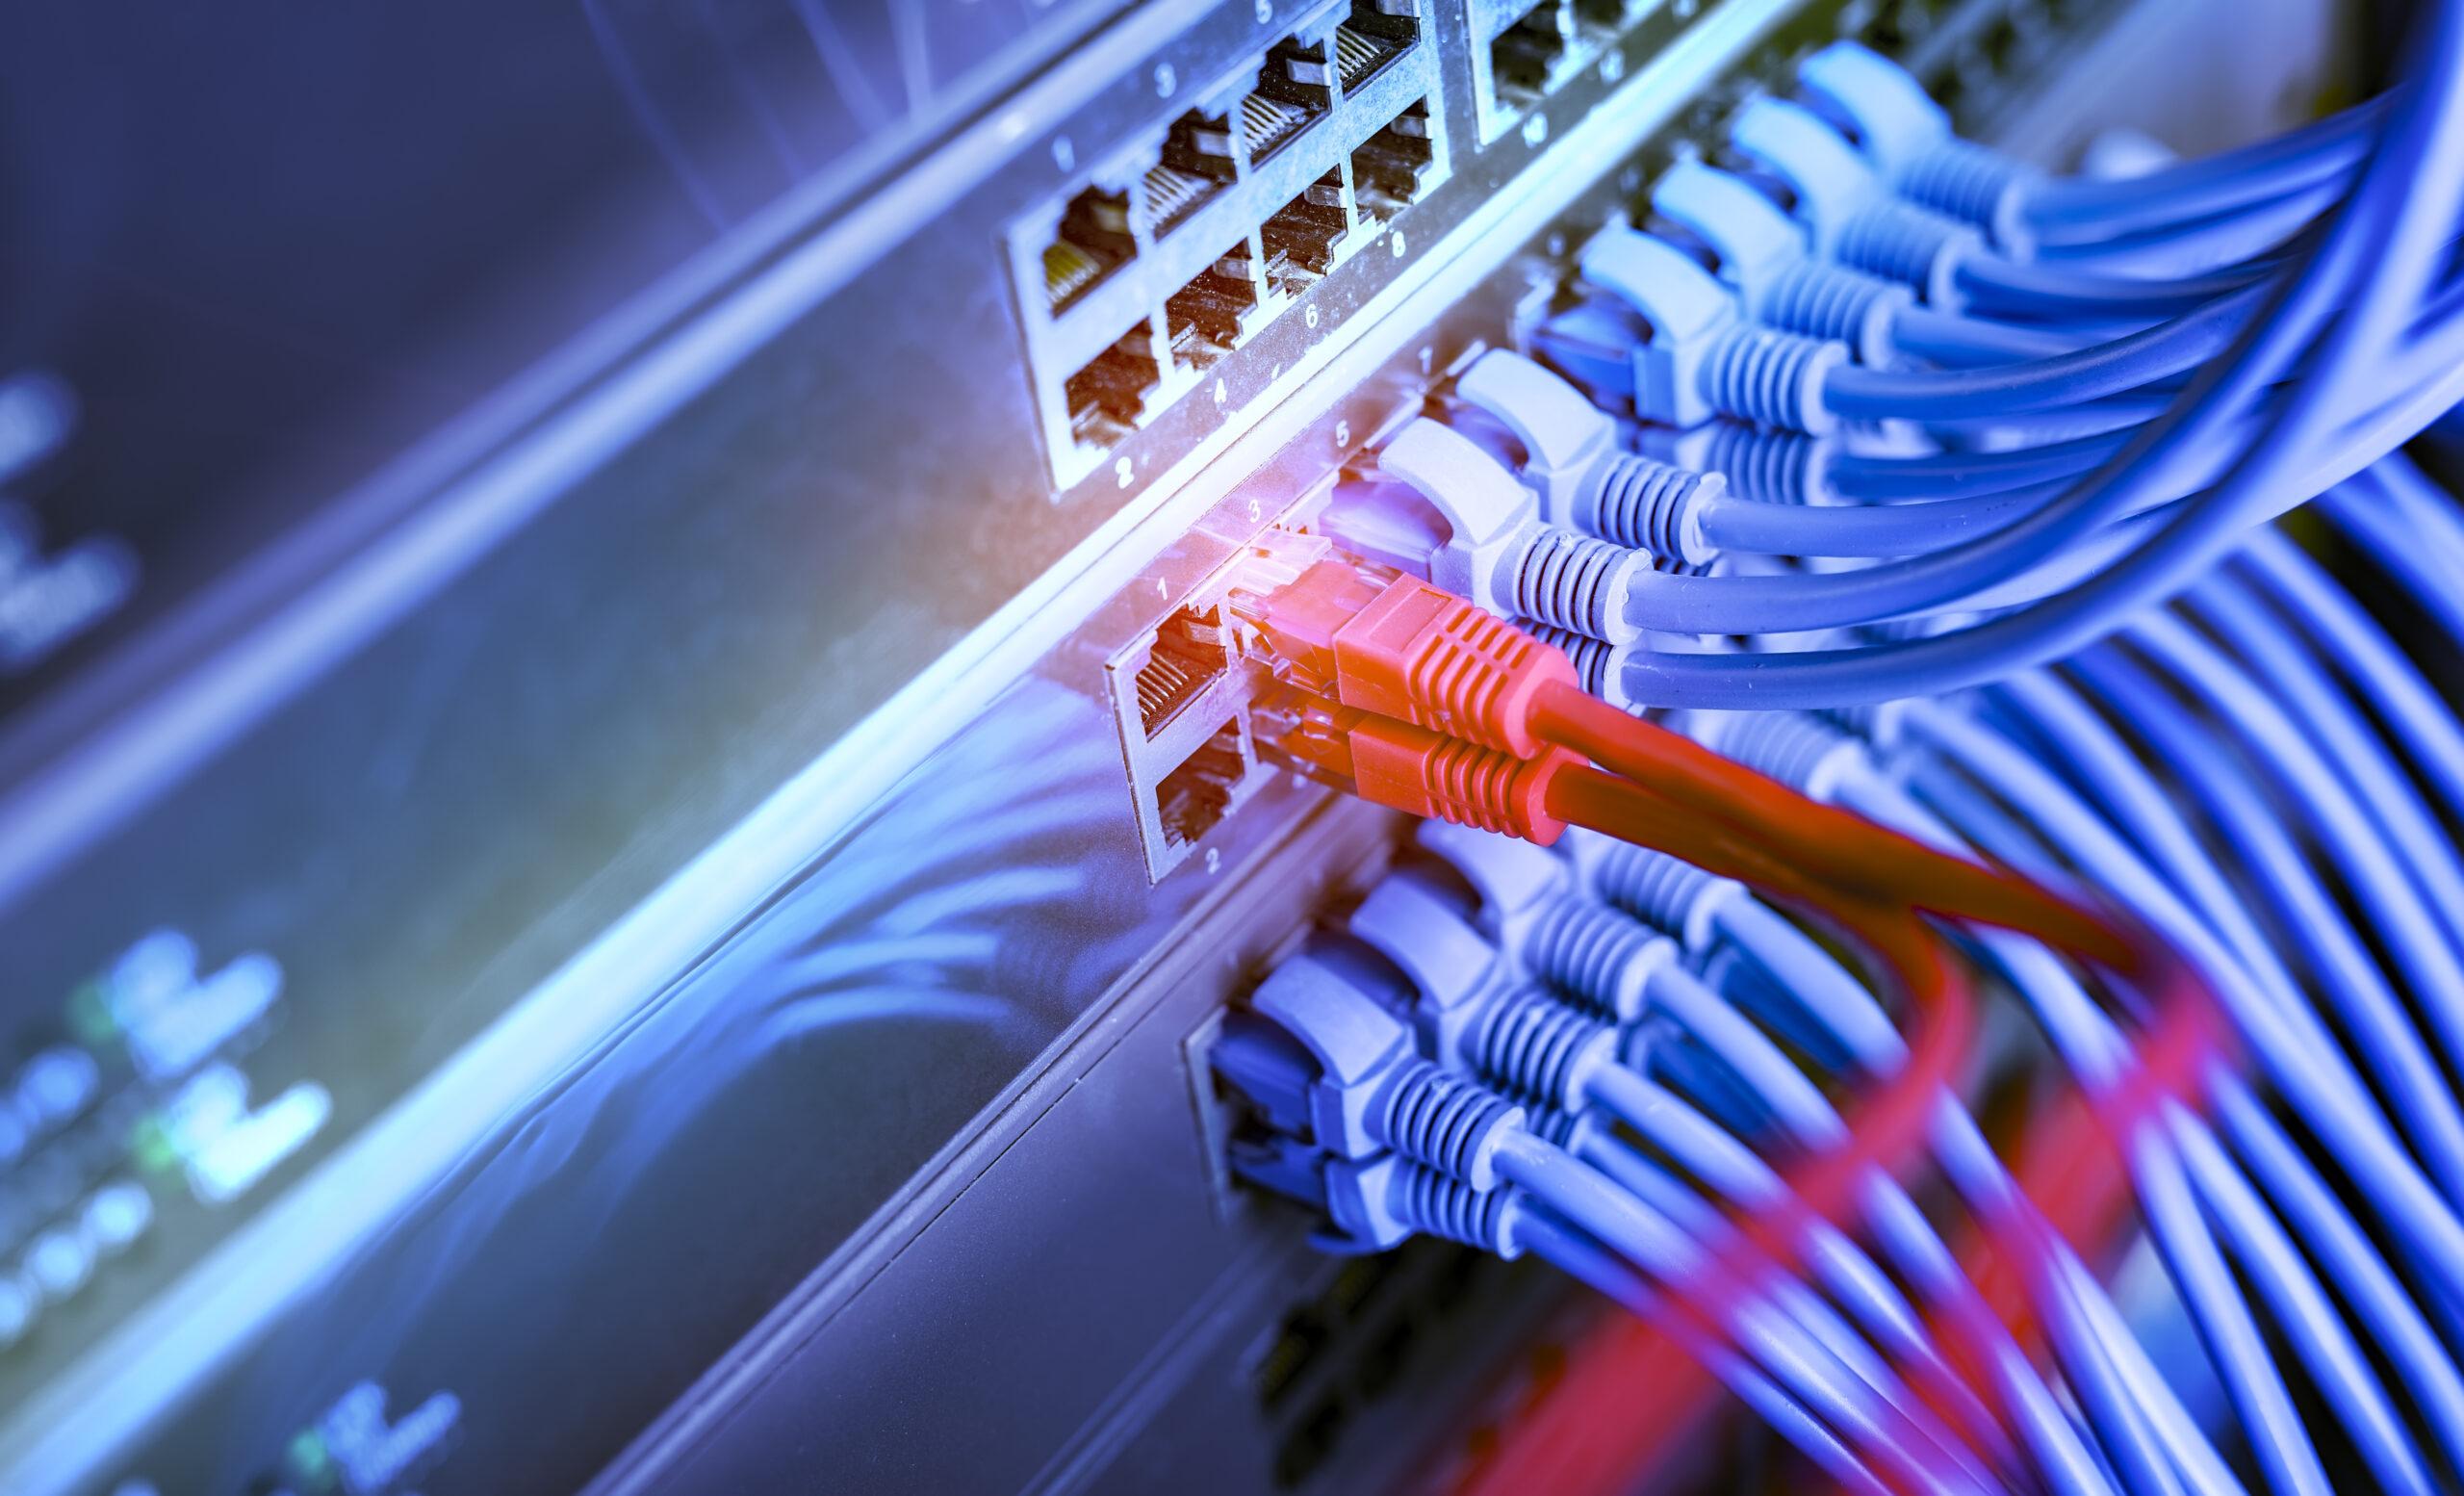 Theunis Electro in Turnhout ☎ 0475/906763 Google rating: ✅✅✅✅✅ Voor ✅ renovaties met het oog op ✅ positief keuringsverslag voor ✅ nieuwbouw. Particulier en industrieel